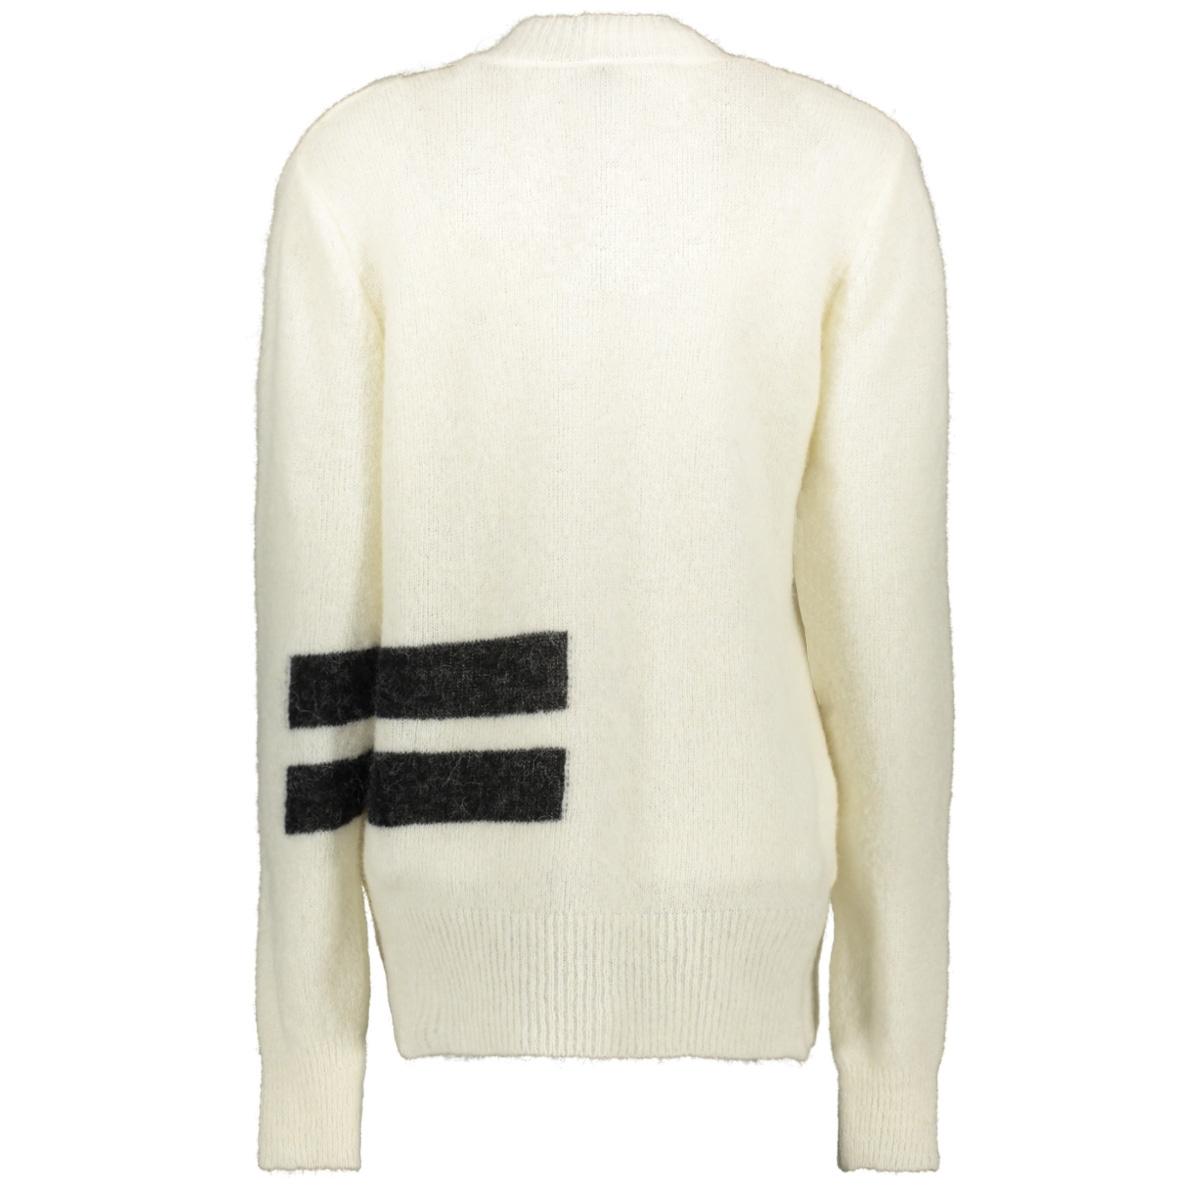 v neck sweater 20 607 9104 10 days trui 1002 ercu